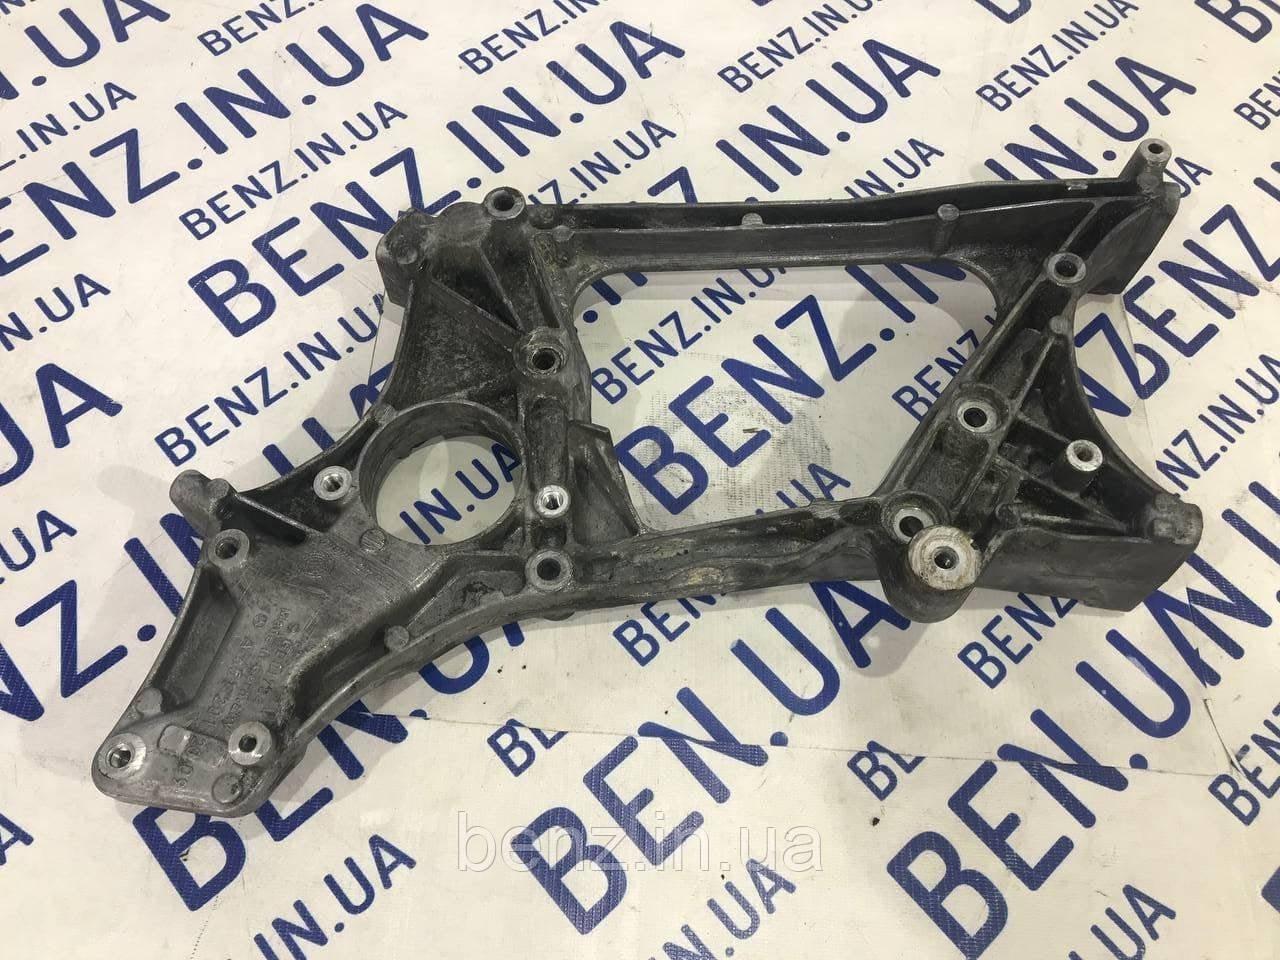 Кронштейн вспомогательных механизмов двигателя 2.2CDI Mercedes W212/W204/C207/X204 A6512012009